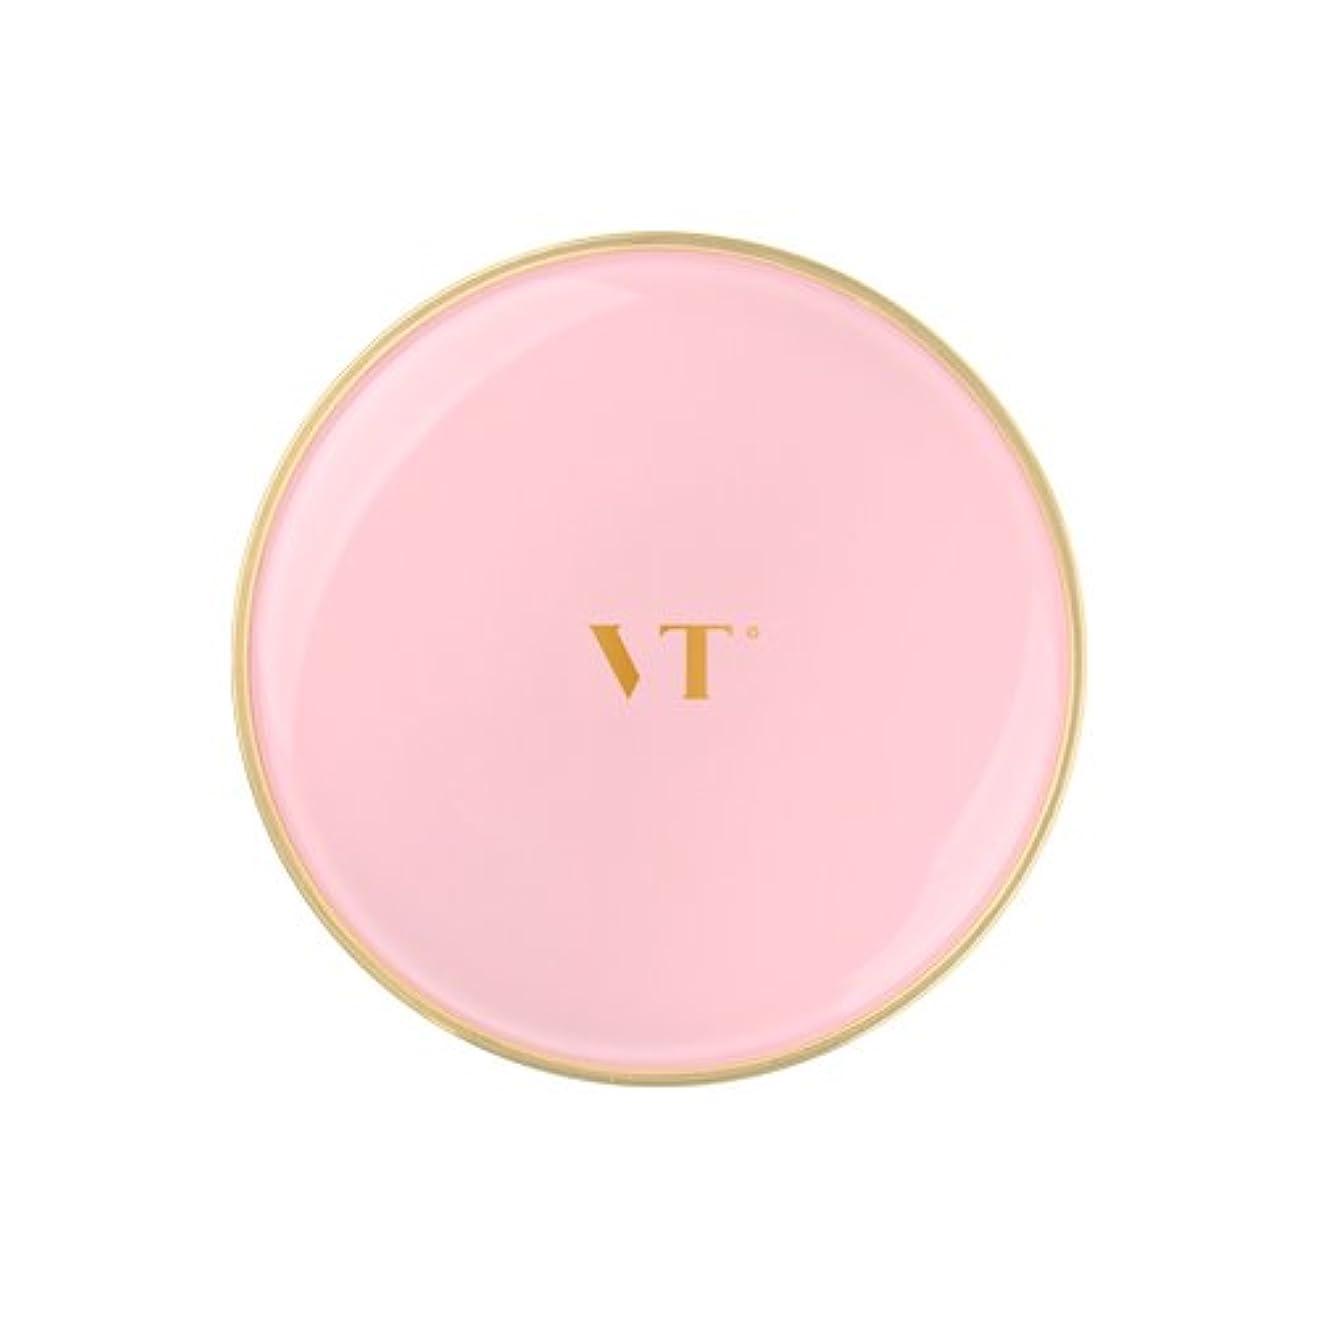 次スリッパ咲くVT Collagen Pact 11g/ブイティー コラーゲン パクト 11g [並行輸入品]